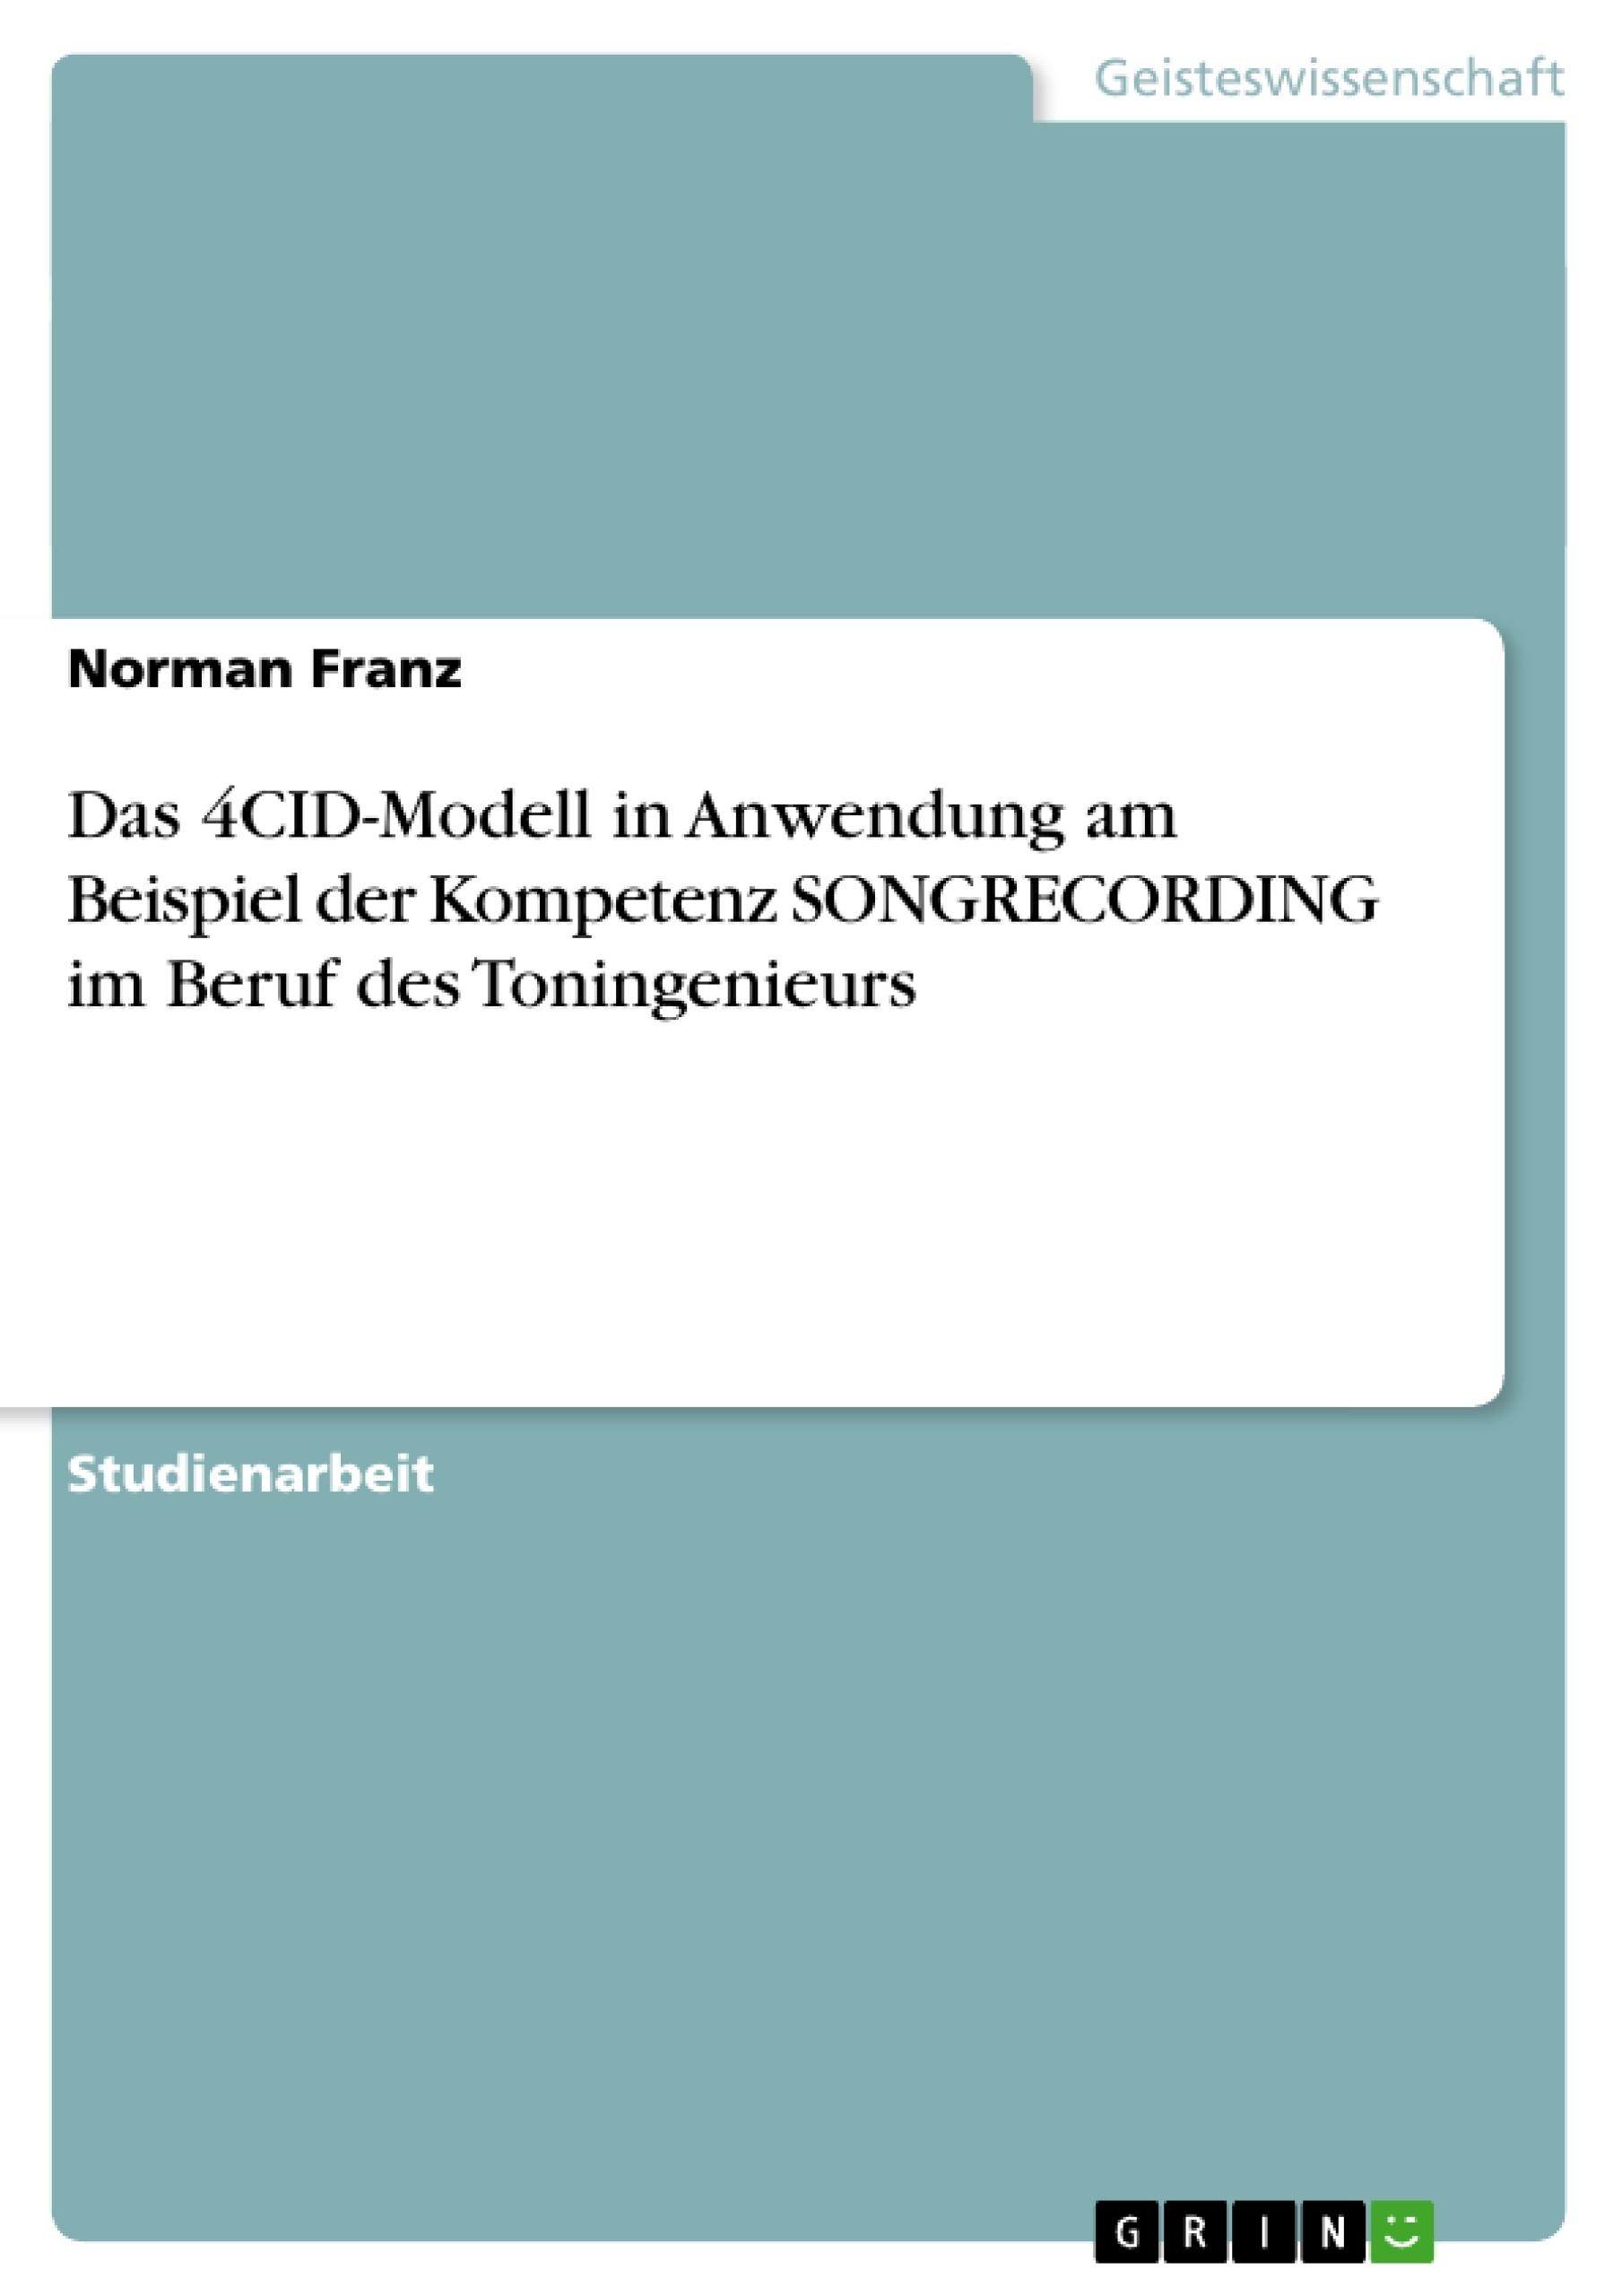 Titel: Das 4CID-Modell in Anwendung am Beispiel der Kompetenz SONGRECORDING im Beruf des Toningenieurs